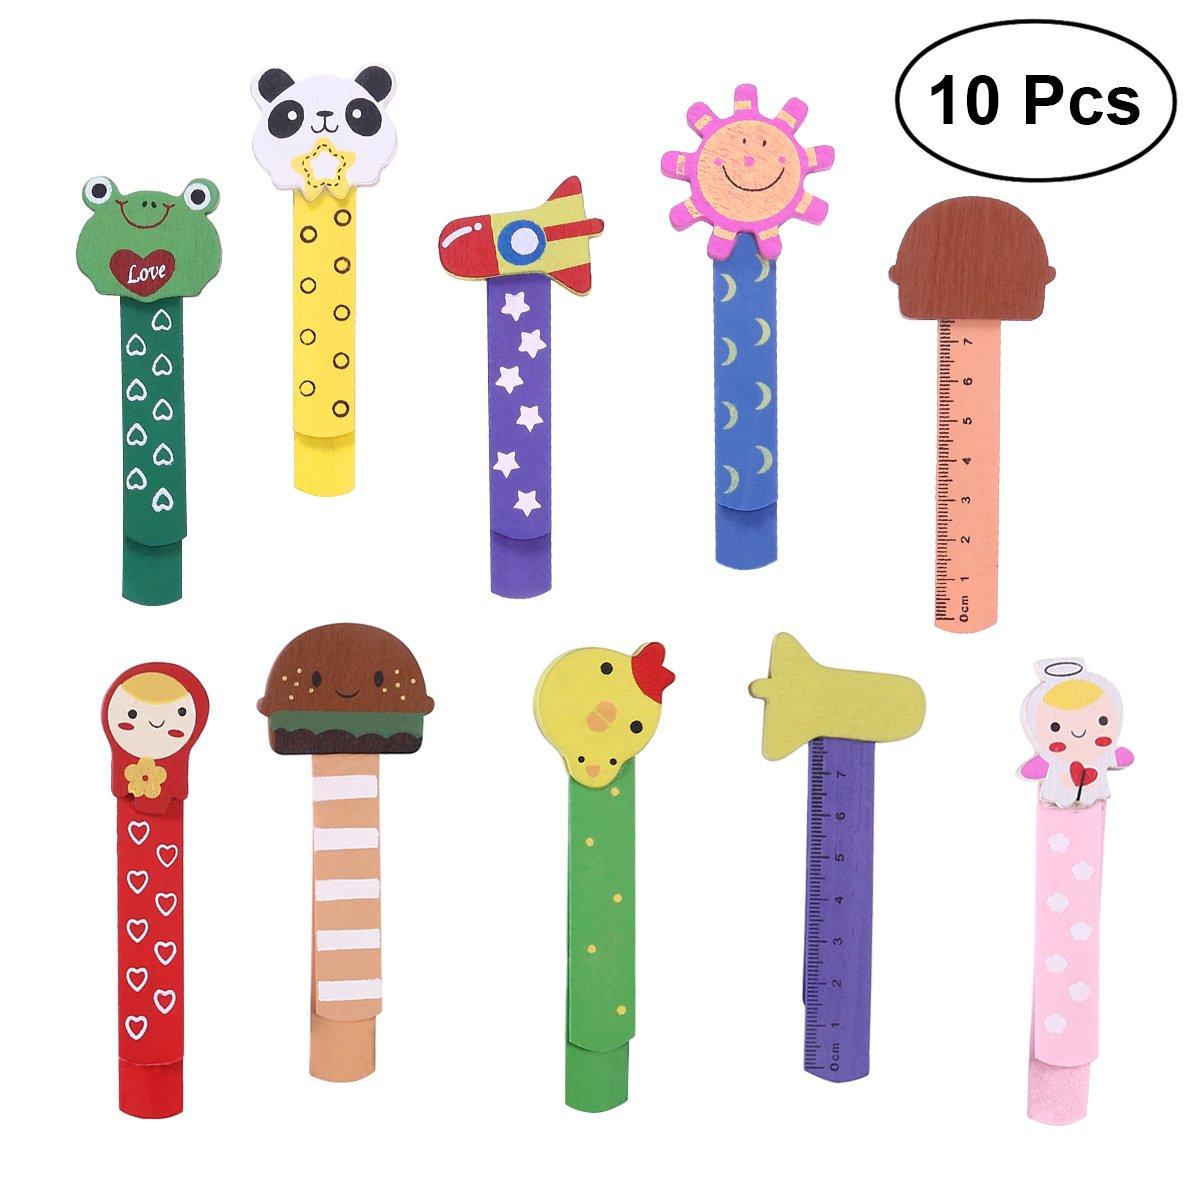 10 marcapáginas para niños de Nuolux, con regla de madera, perfecto como regalo para cumpleaños infantil